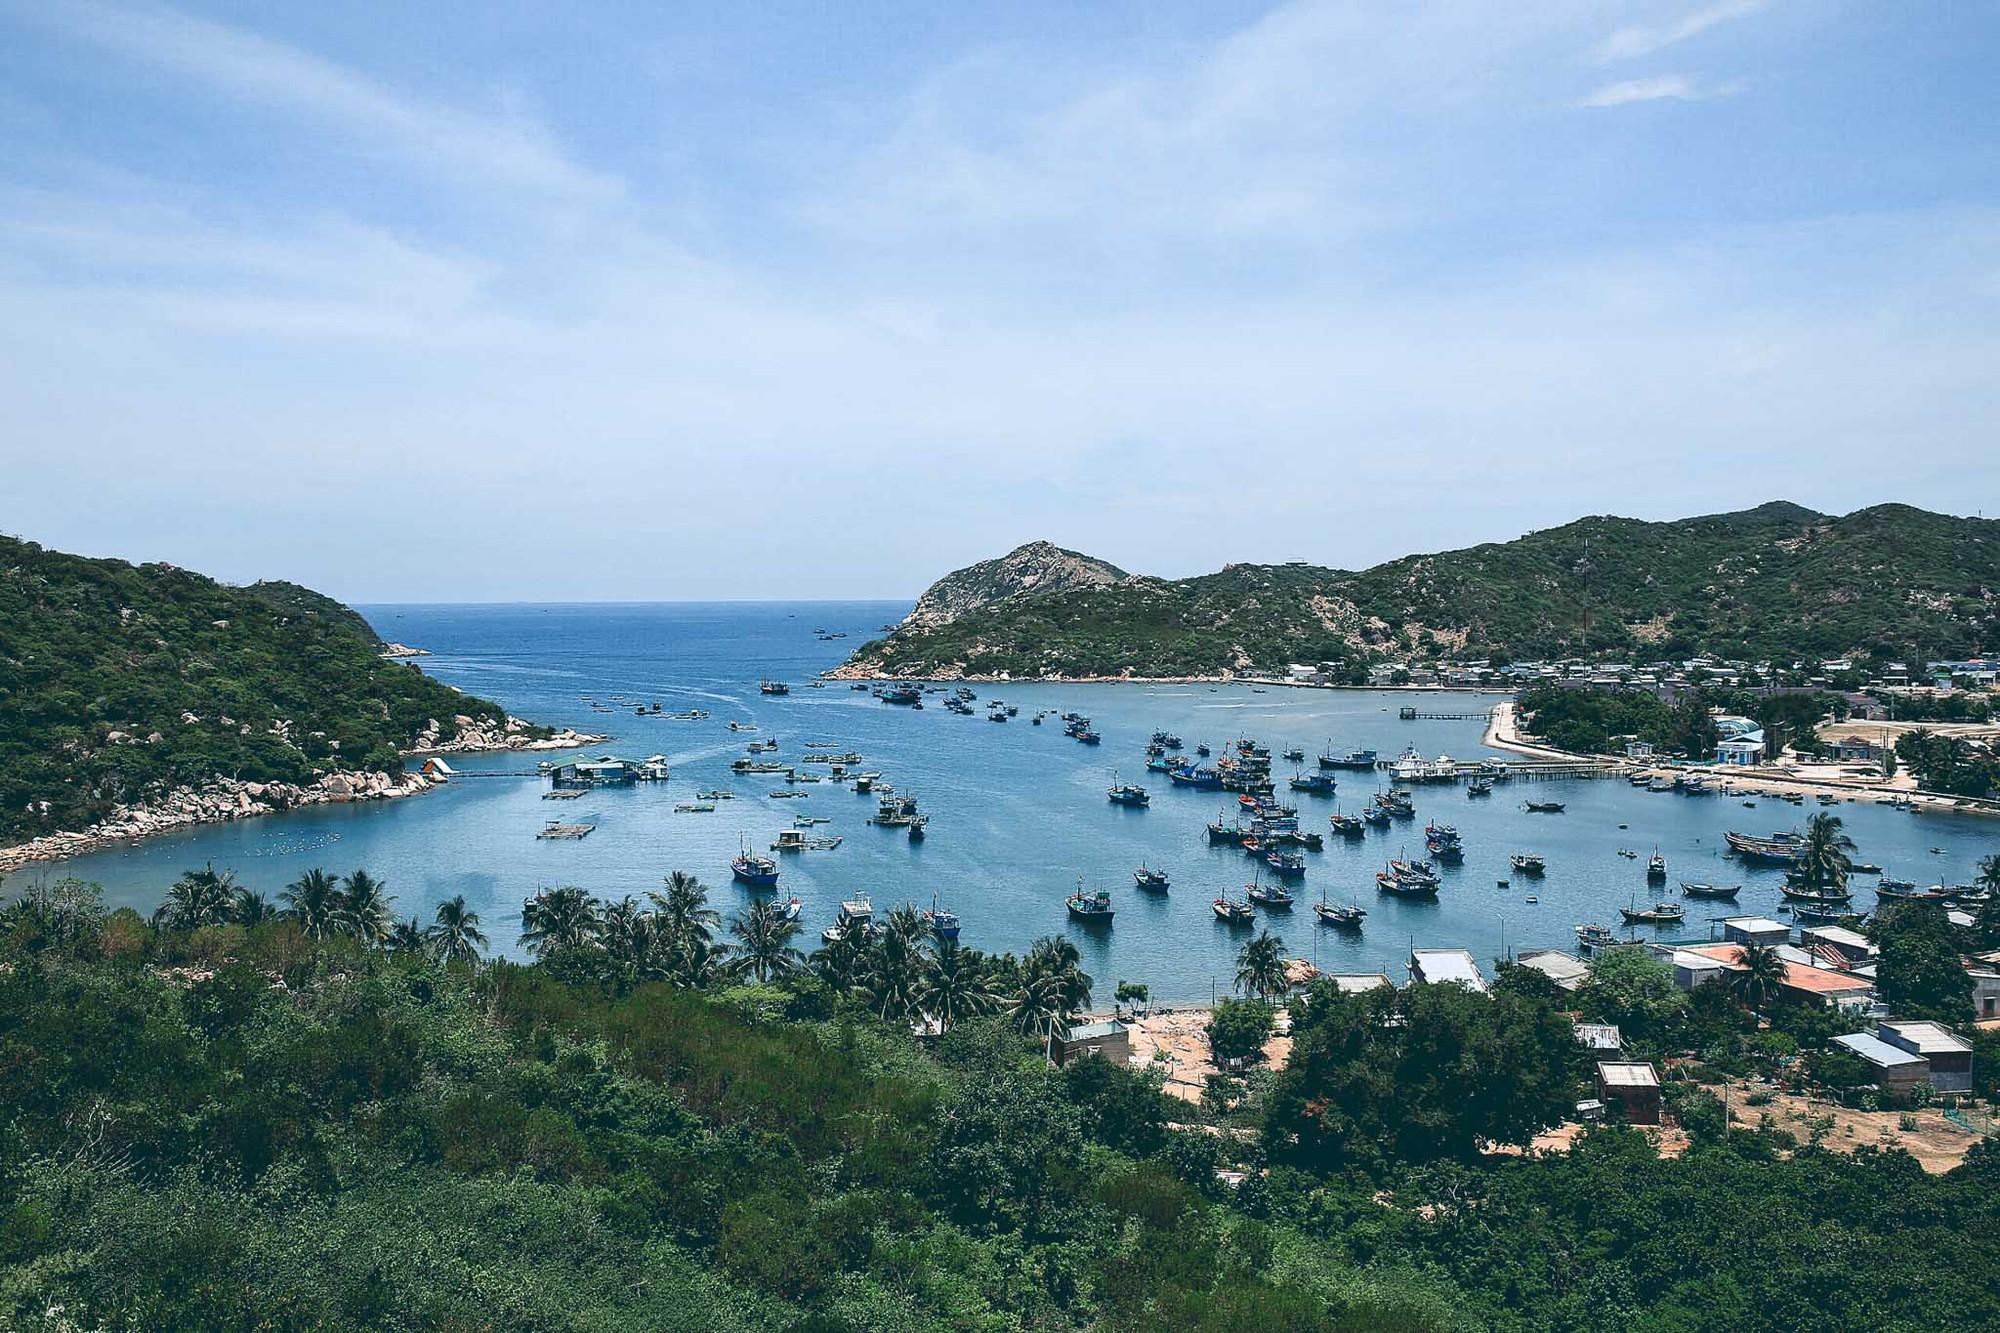 Đường ven biển: Đòn bẫy kích cầu phát triển du lịch, kinh tế biển - Ảnh 5.